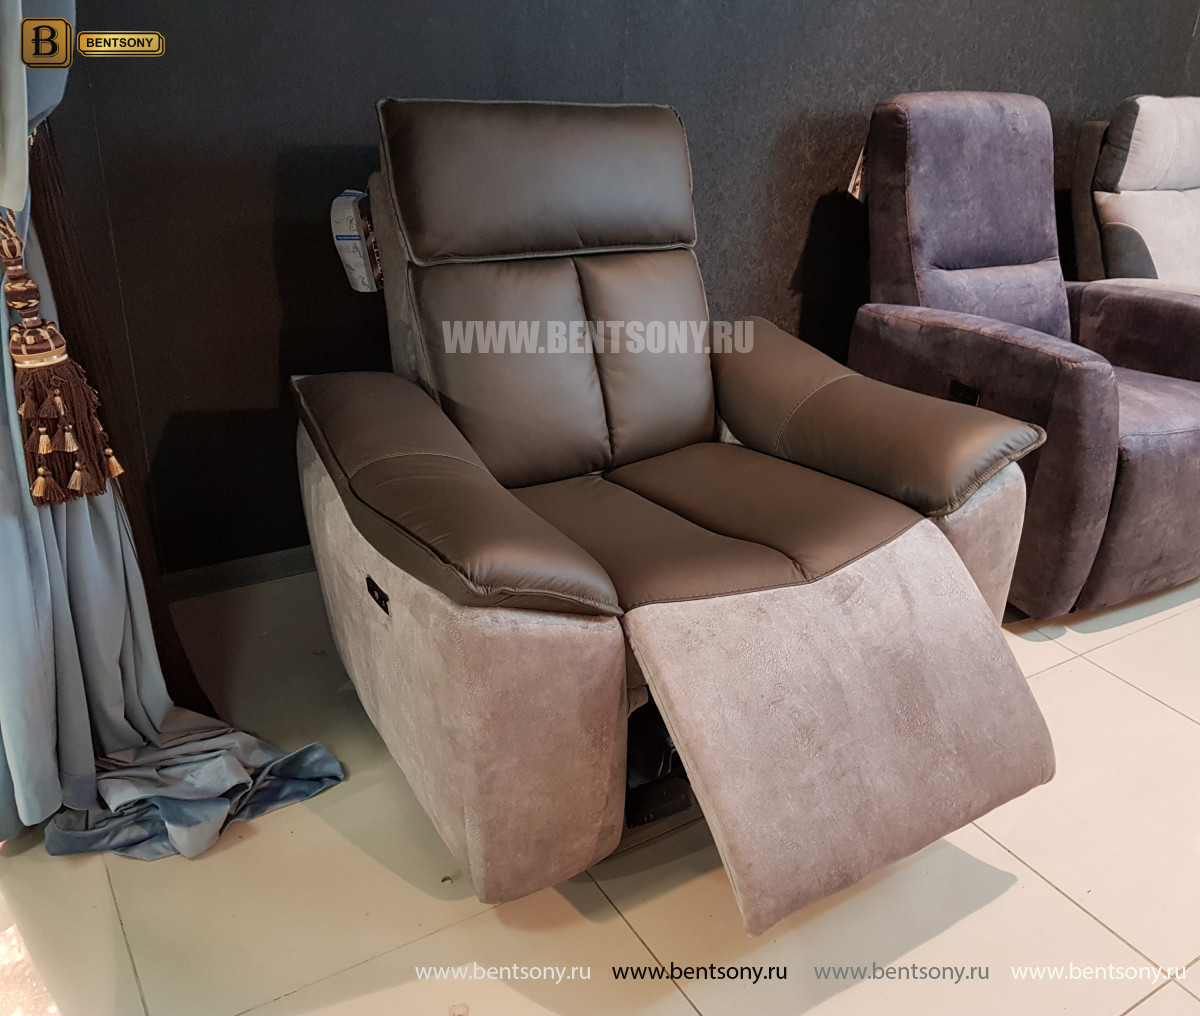 Кресло Портаро с реклайнером (Алькантара, Натуральная кожа) официальный сайт цены